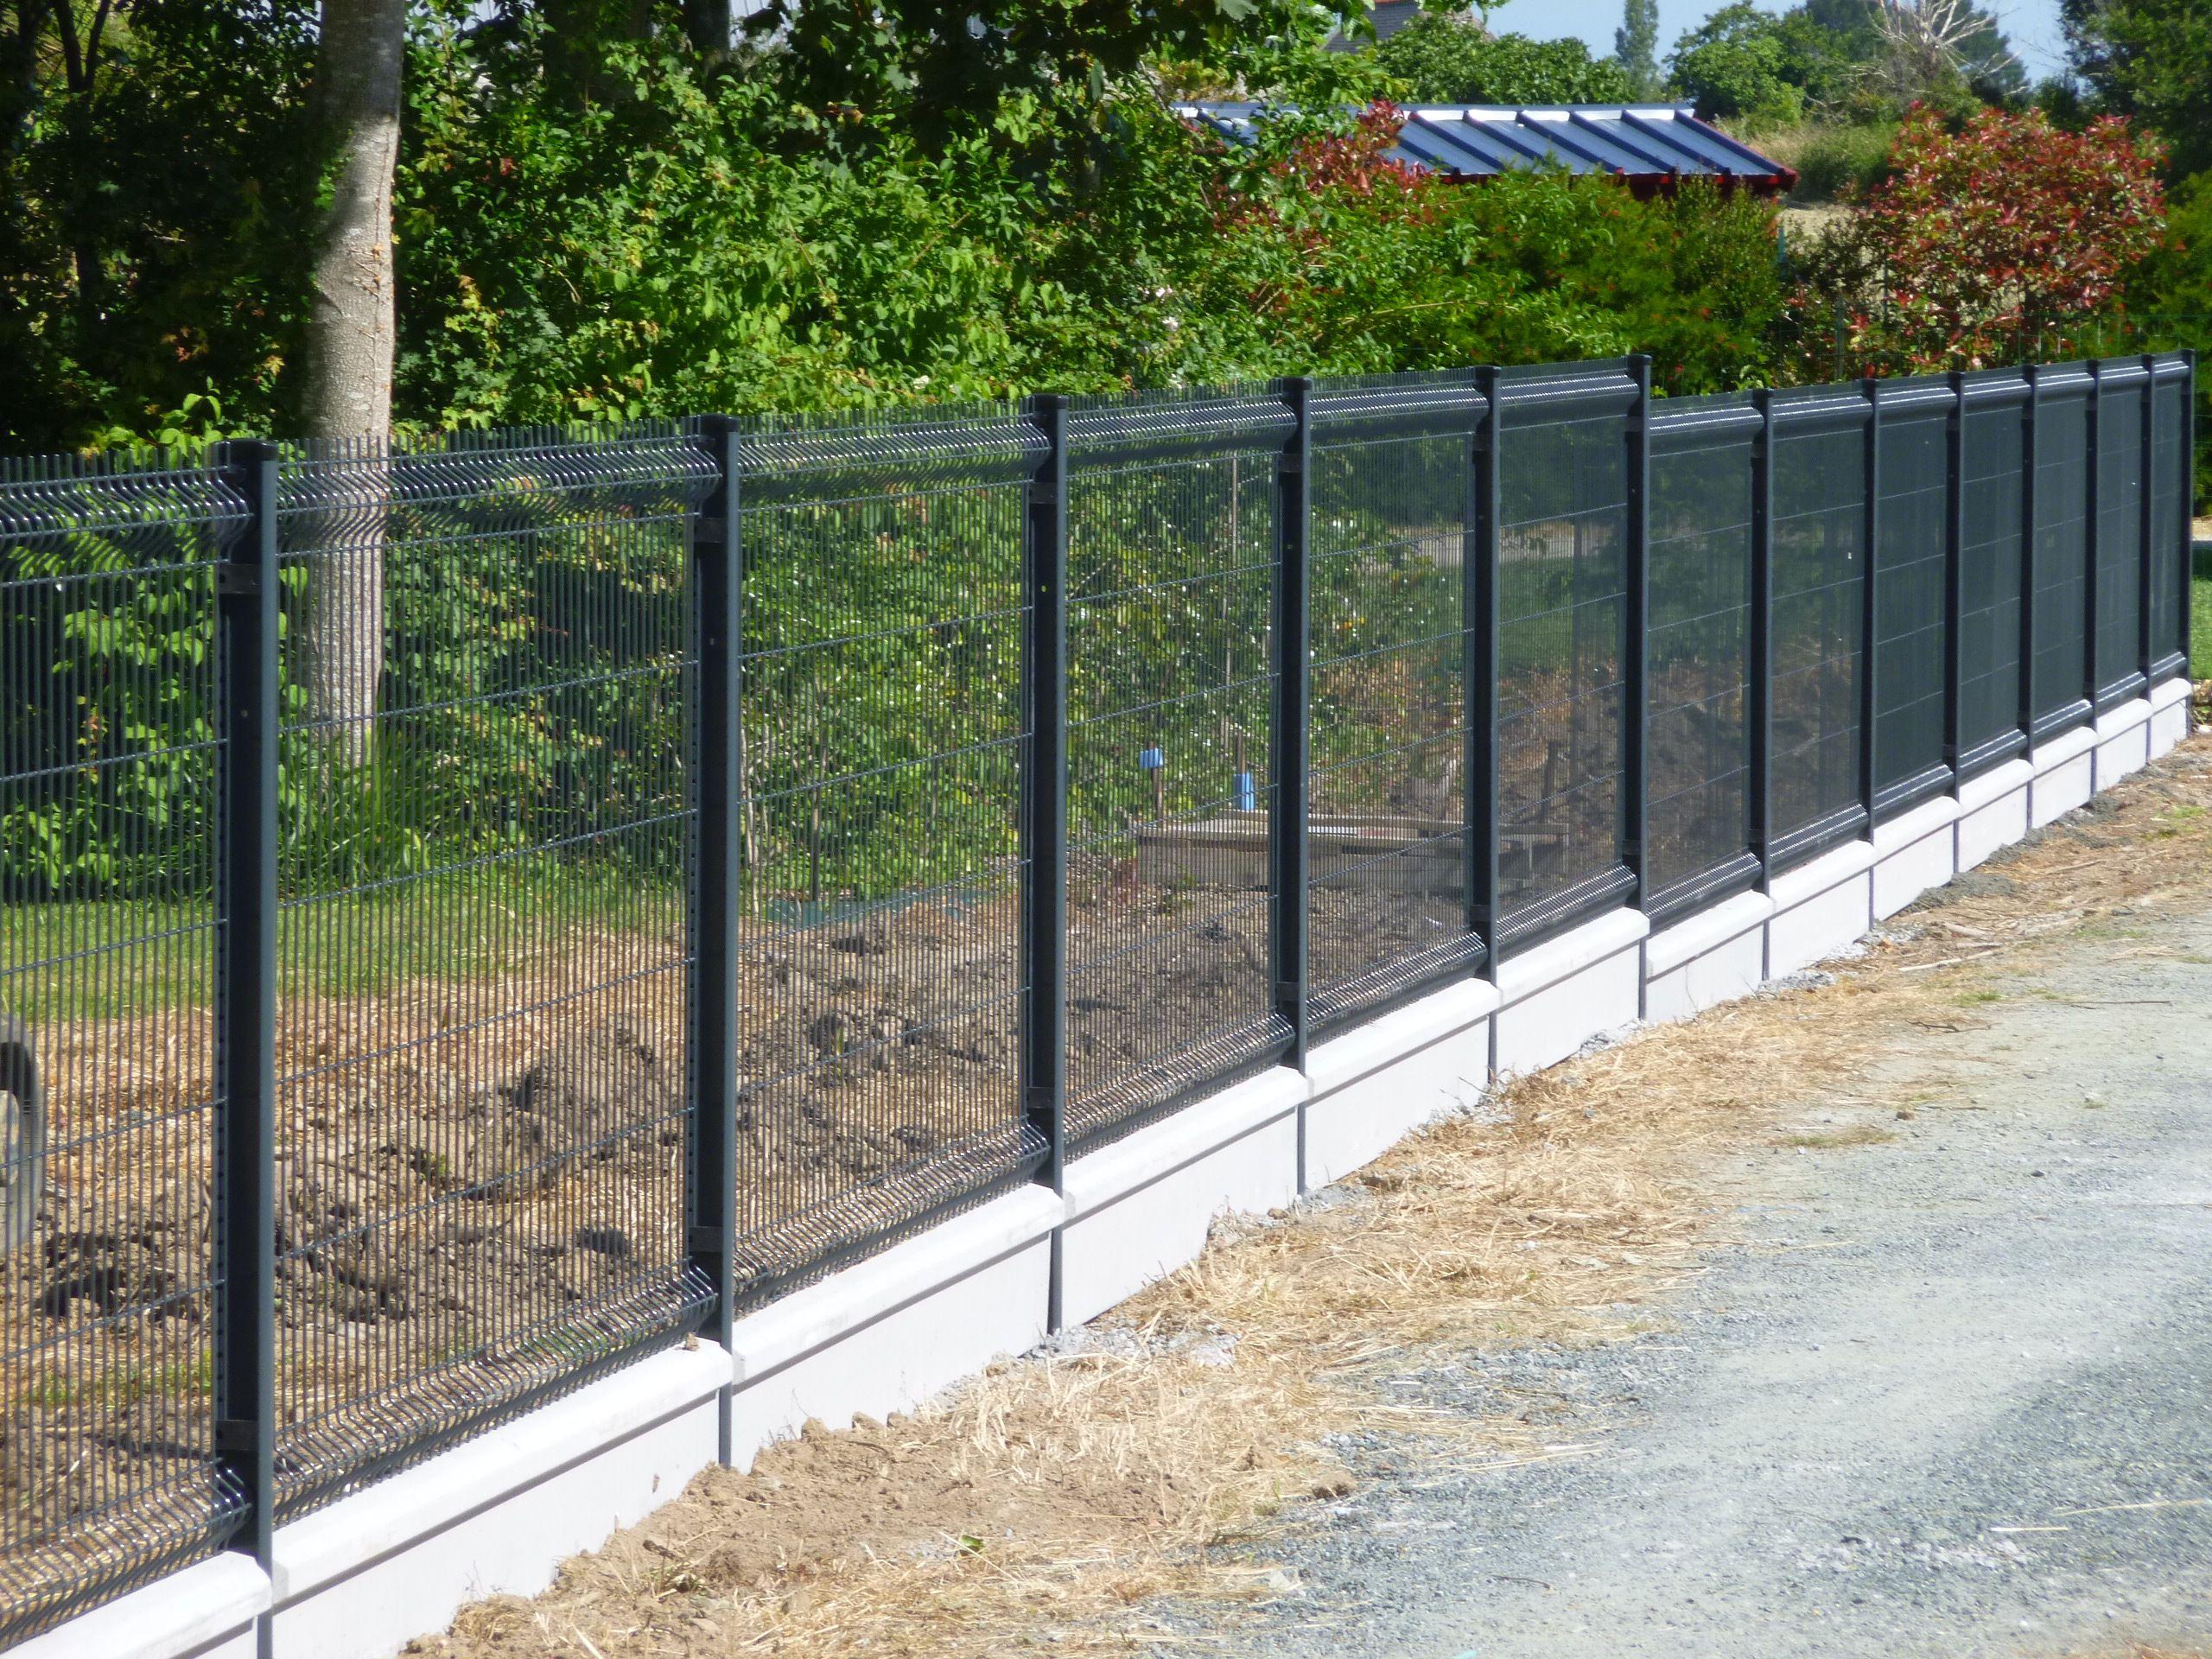 Cloture Grillage Rigide Gris | Aménagement Jardin Clôture ... pour Cloture De Jardin Pas Cher